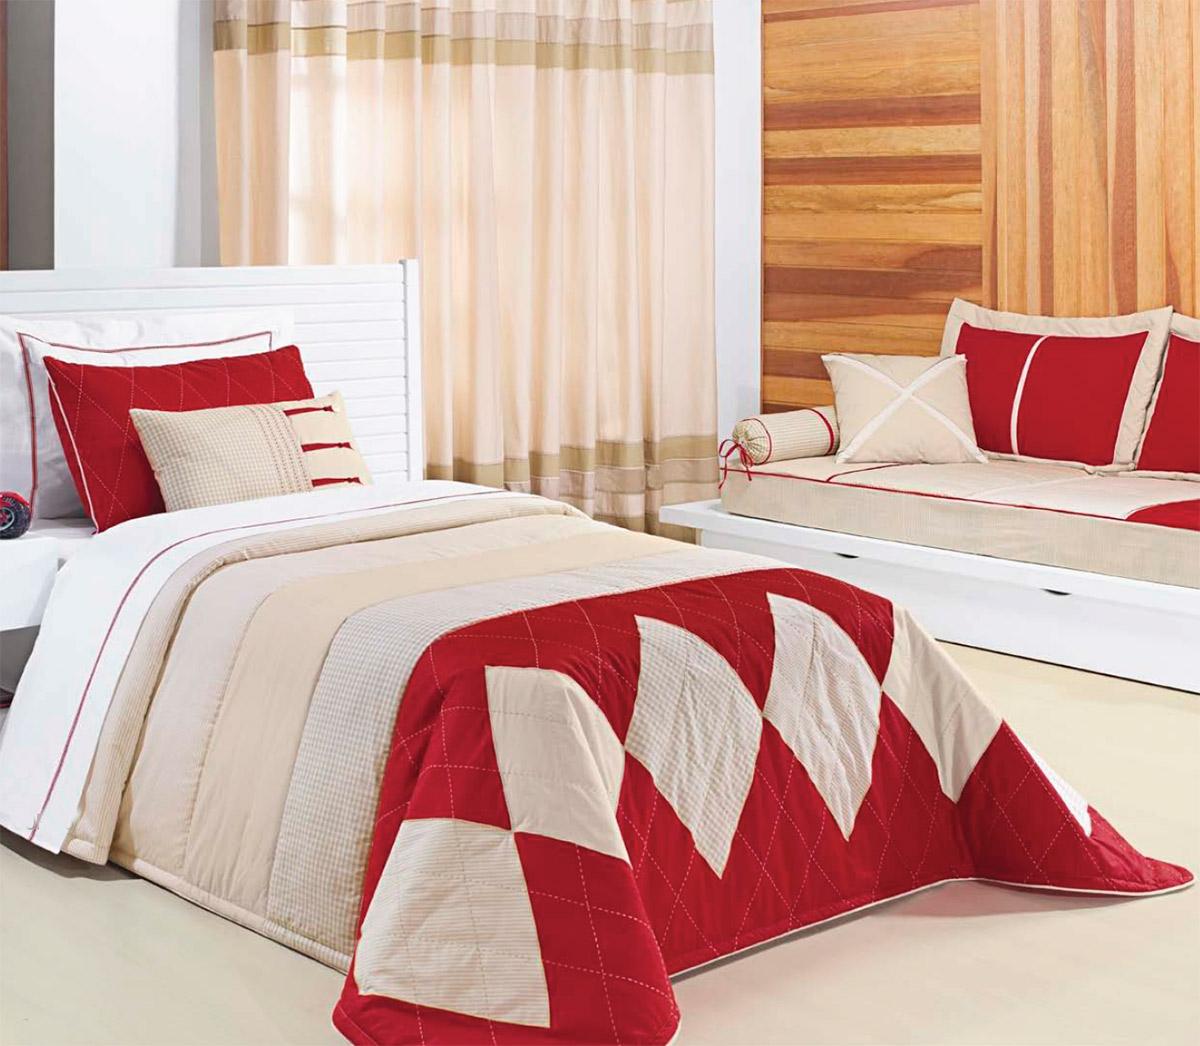 Colcha de Cama Solteiro Vermelho com palha Percal 200 fios com 4 peças - Colcha Red